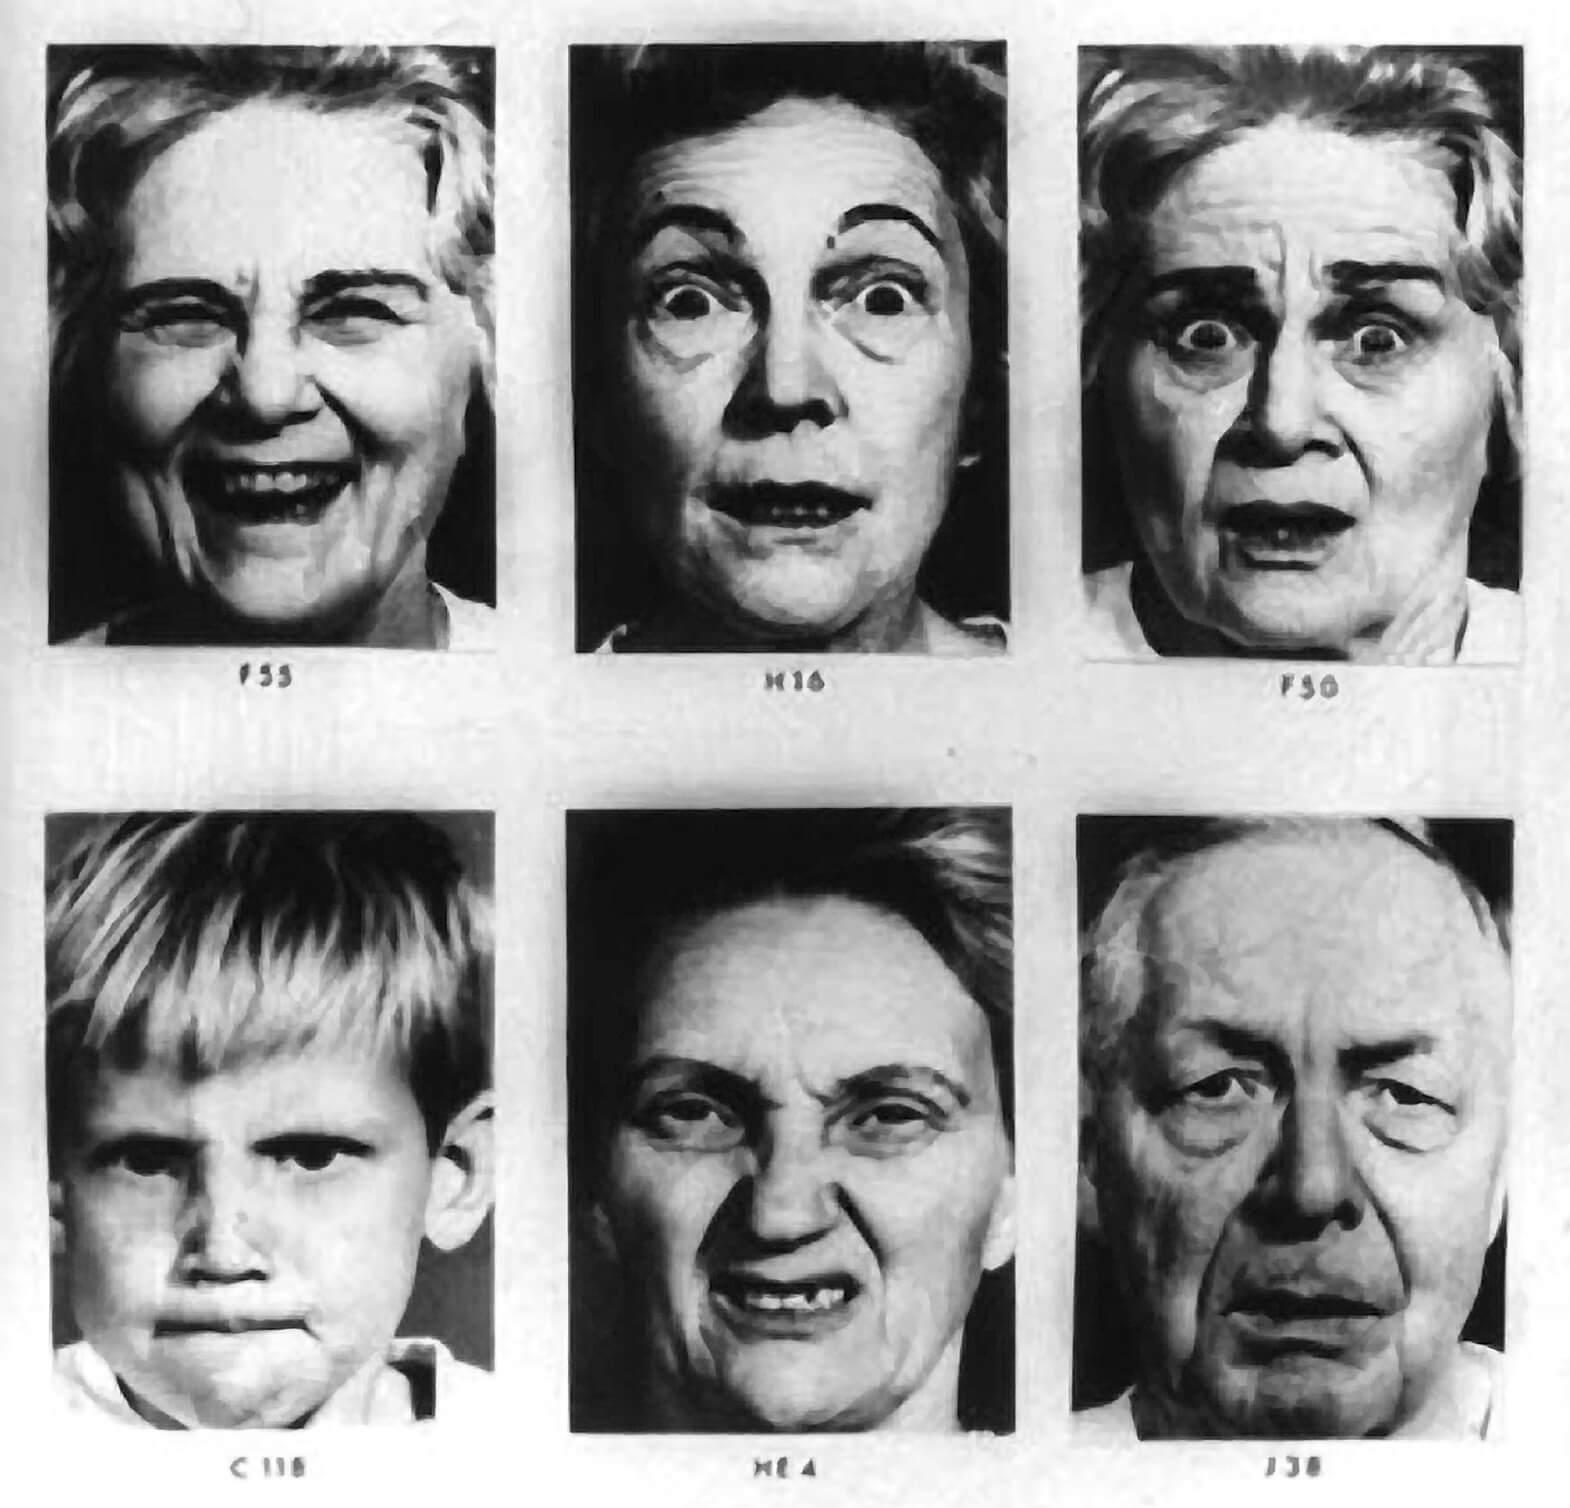 Interpret Facial Expressions